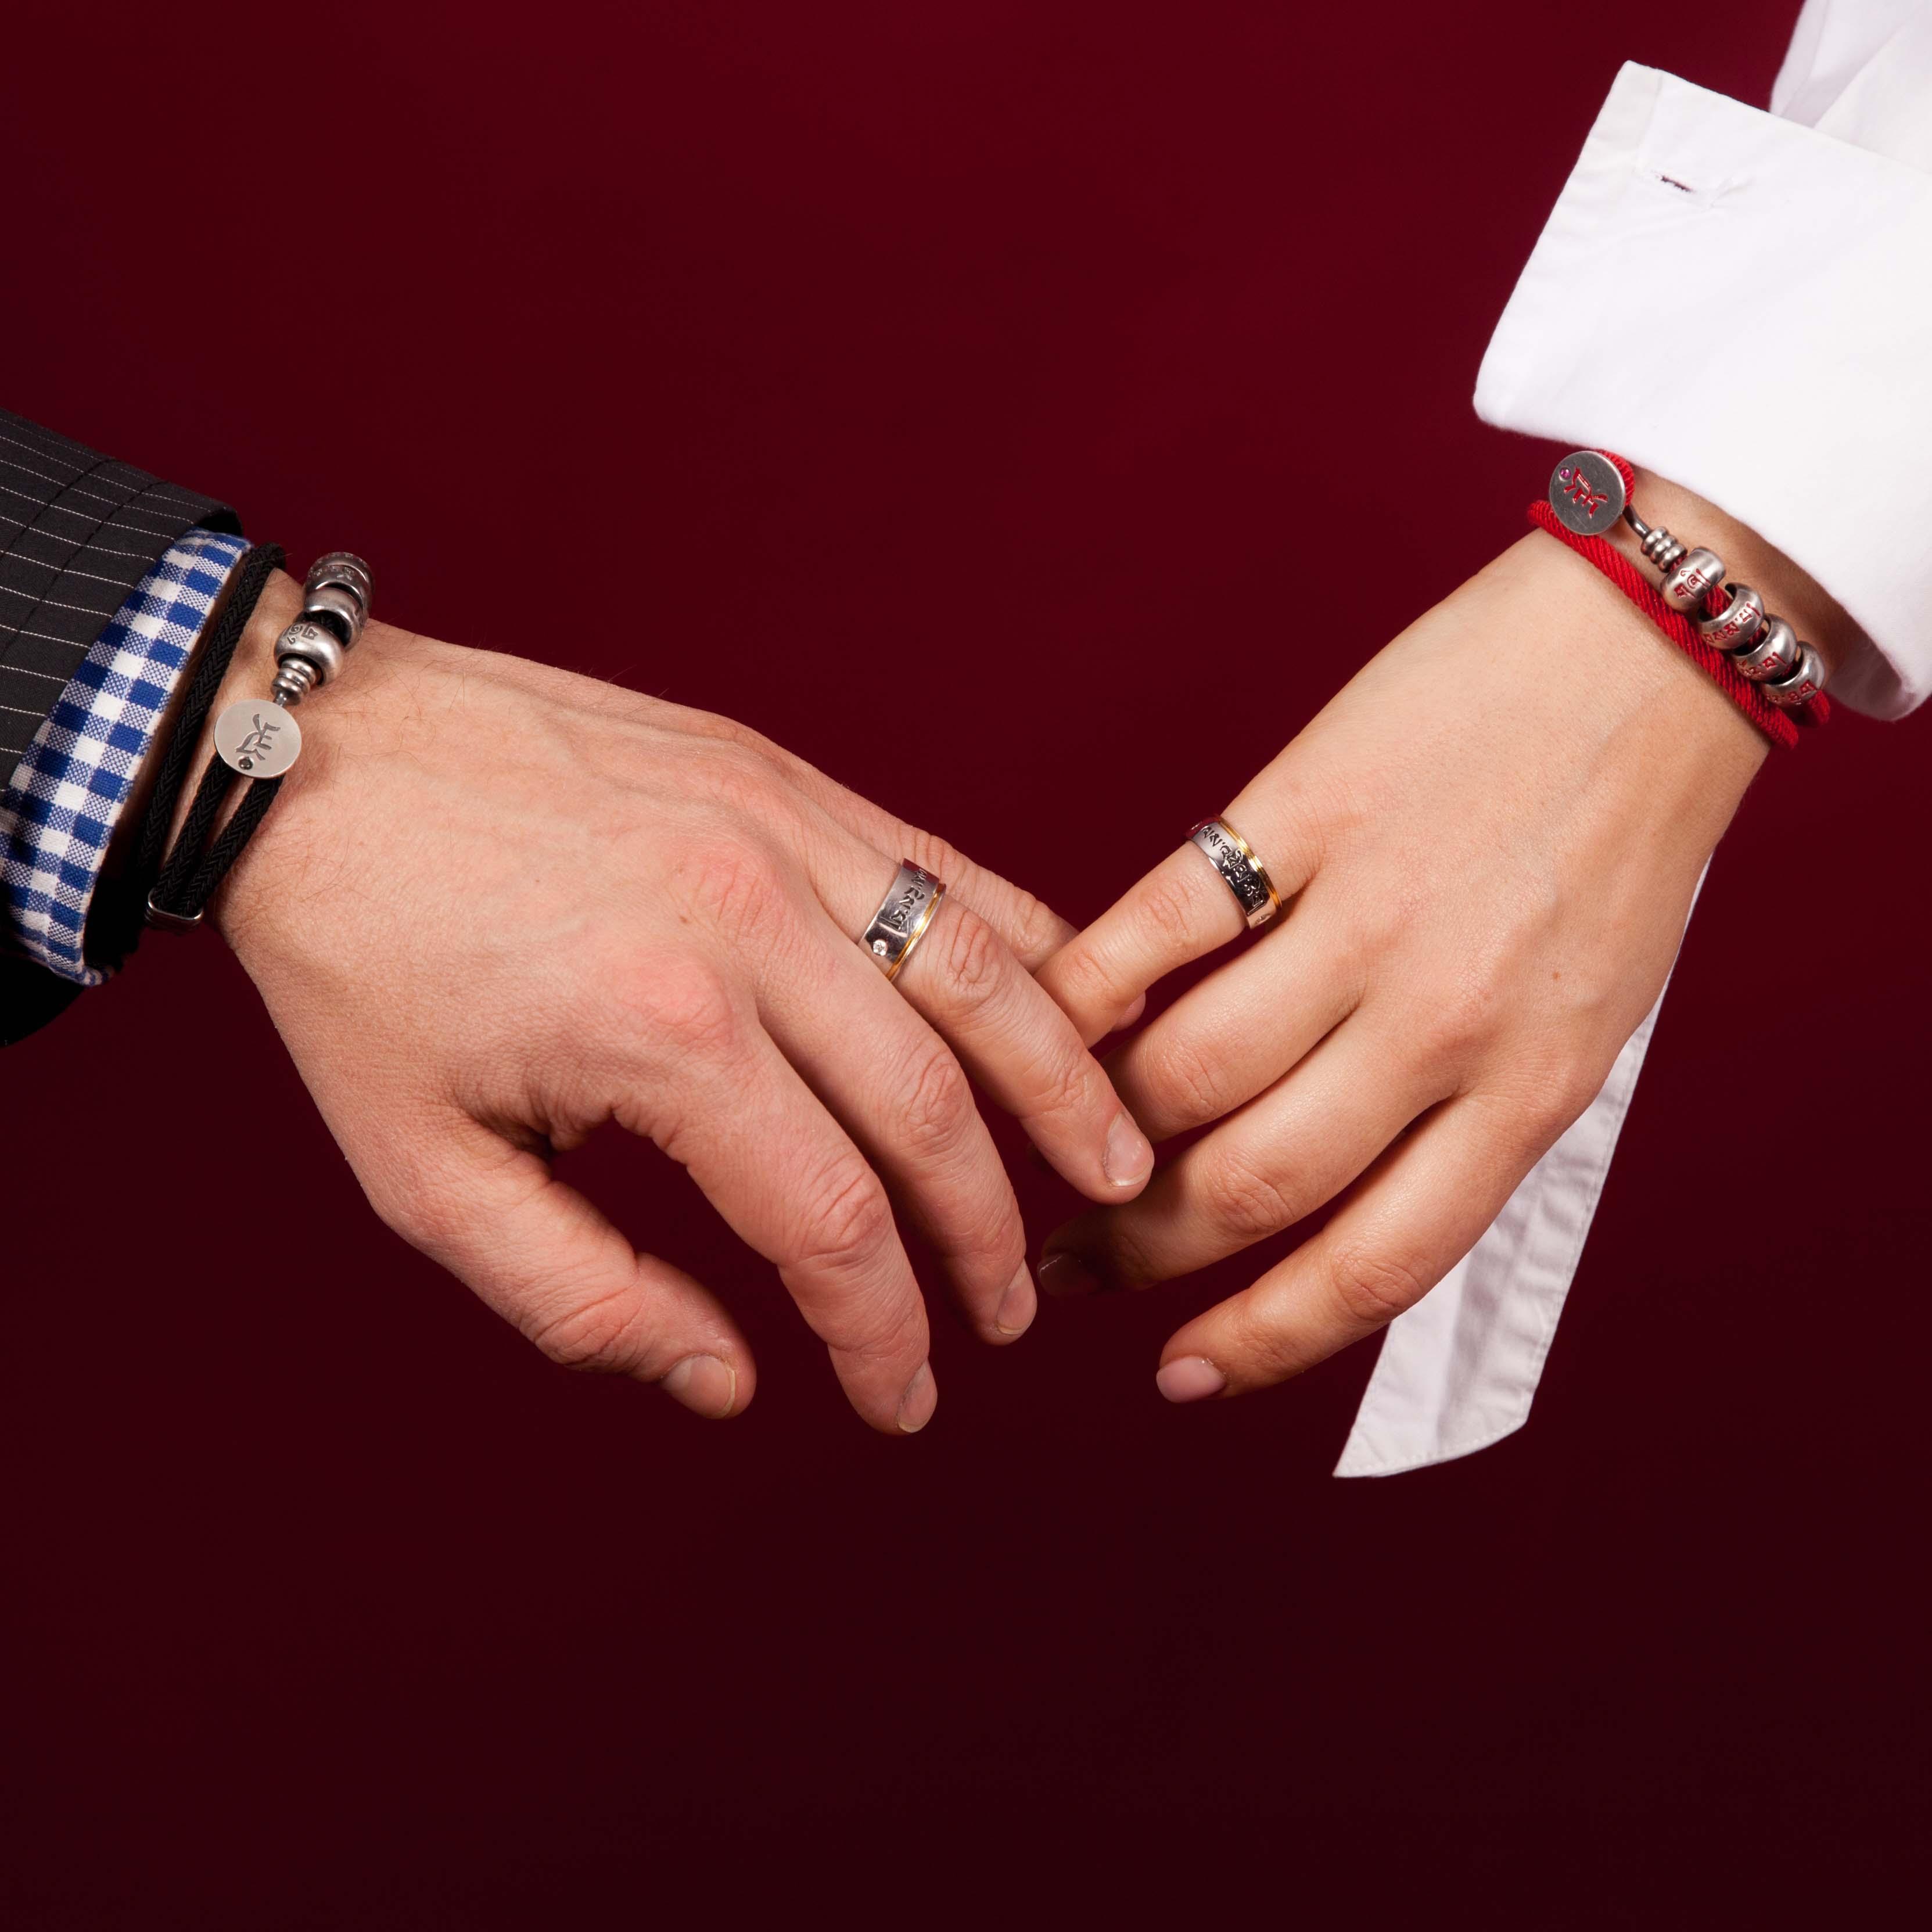 обручальные кольца на разных пальцах